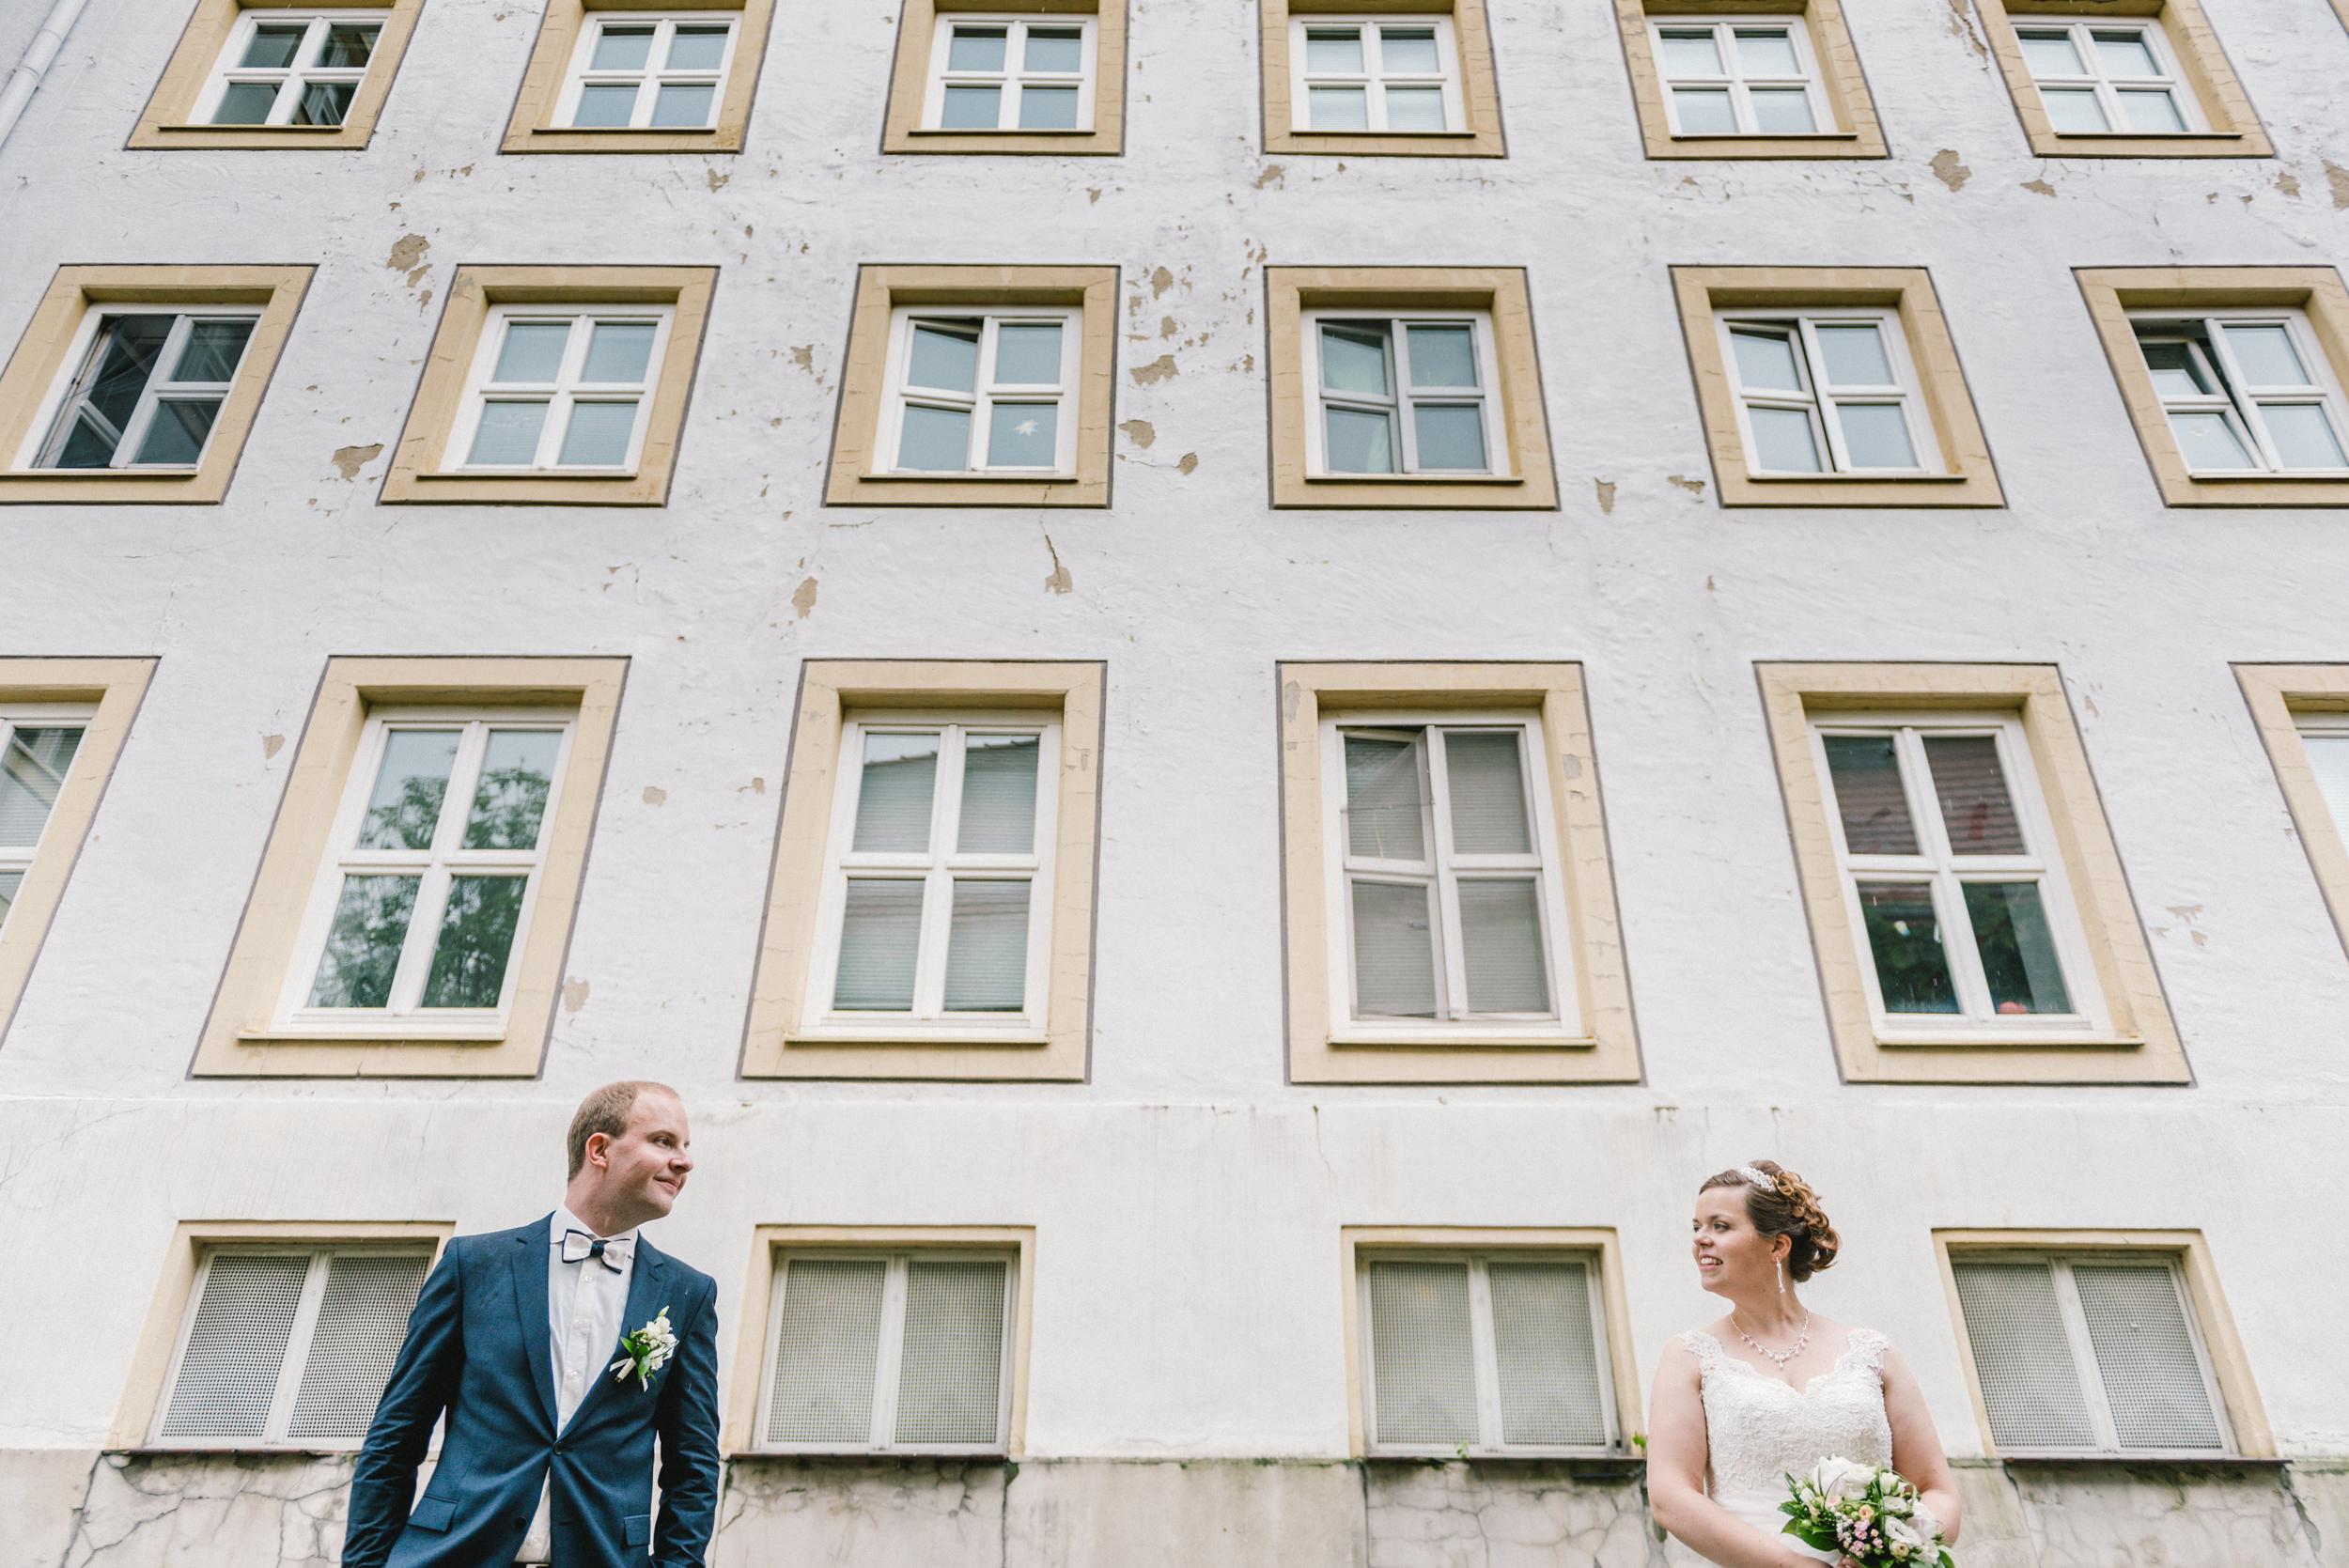 Paul_Glaser_Hochzeitsfotograf-27